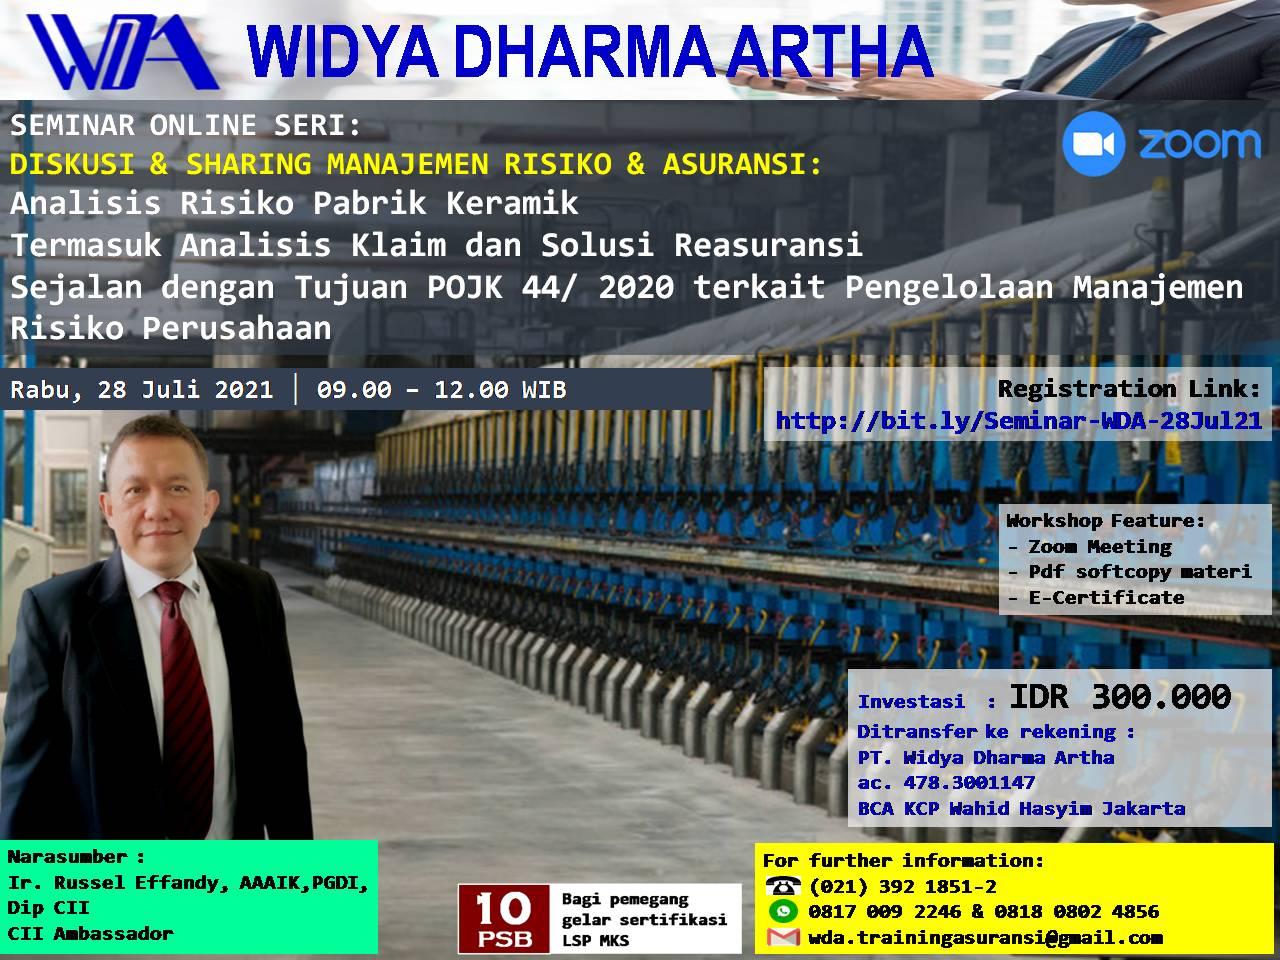 wda-keramik-280721